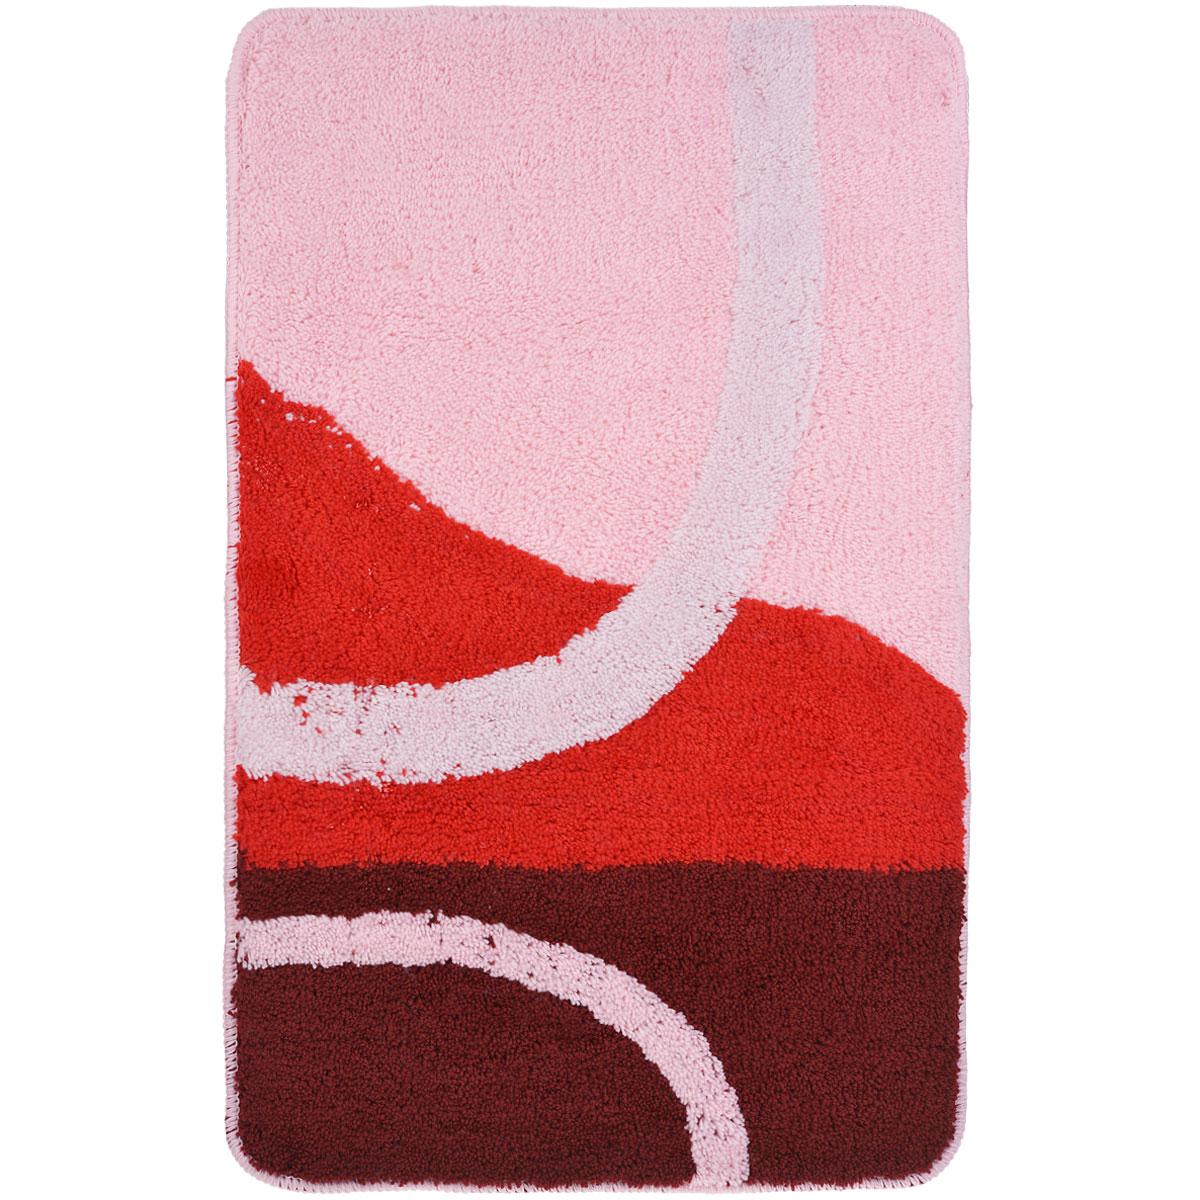 Коврик для ванной комнаты Fresh Code, цвет: розовый, 80 х 50 см54930Коврик для ванной Fresh Code изготовлен из 100% акрила с латексной основой. Коврик, украшенный ярким цветным рисунком, создаст уют и комфорт в ванной комнате. Длинный ворс мягко соприкасается с кожей стоп, вызывая только приятные ощущения. Рекомендации по уходу: - стирать в ручном режиме, - не использовать отбеливатели, - не гладить, - не подходит для сухой чистки (химчистки).